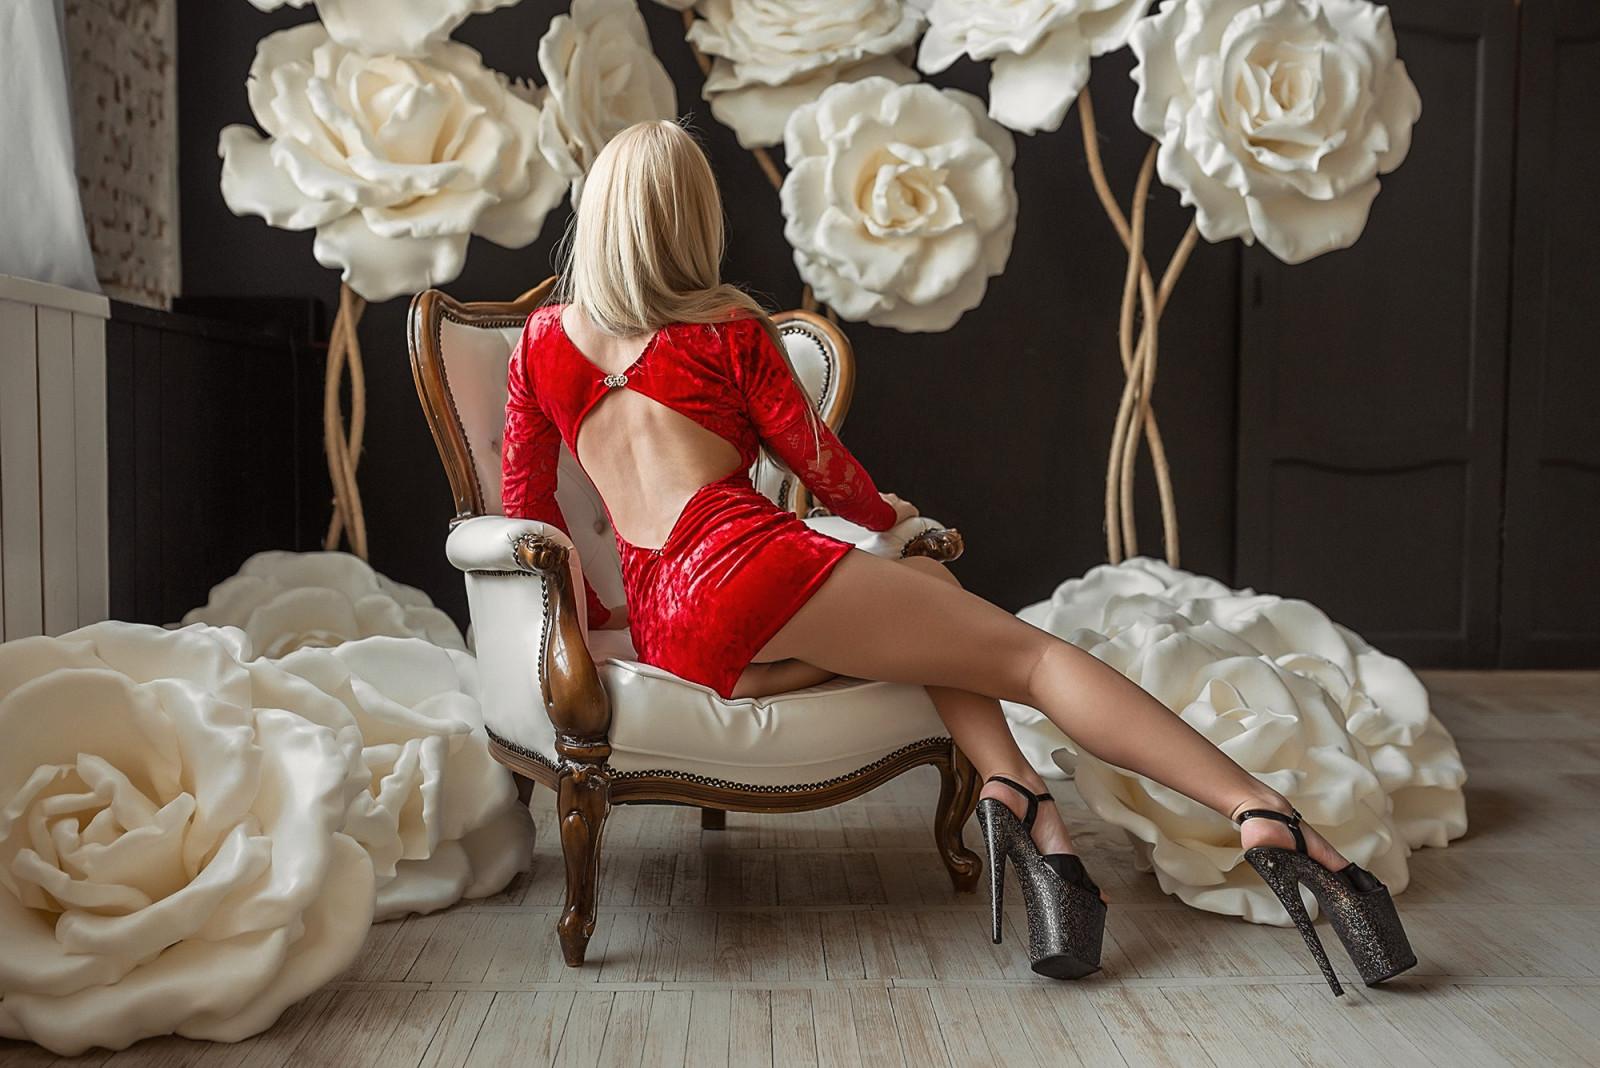 Wallpaper : women, blonde, ass, long hair, high heels, minidress, sitting, upskirt, red dress